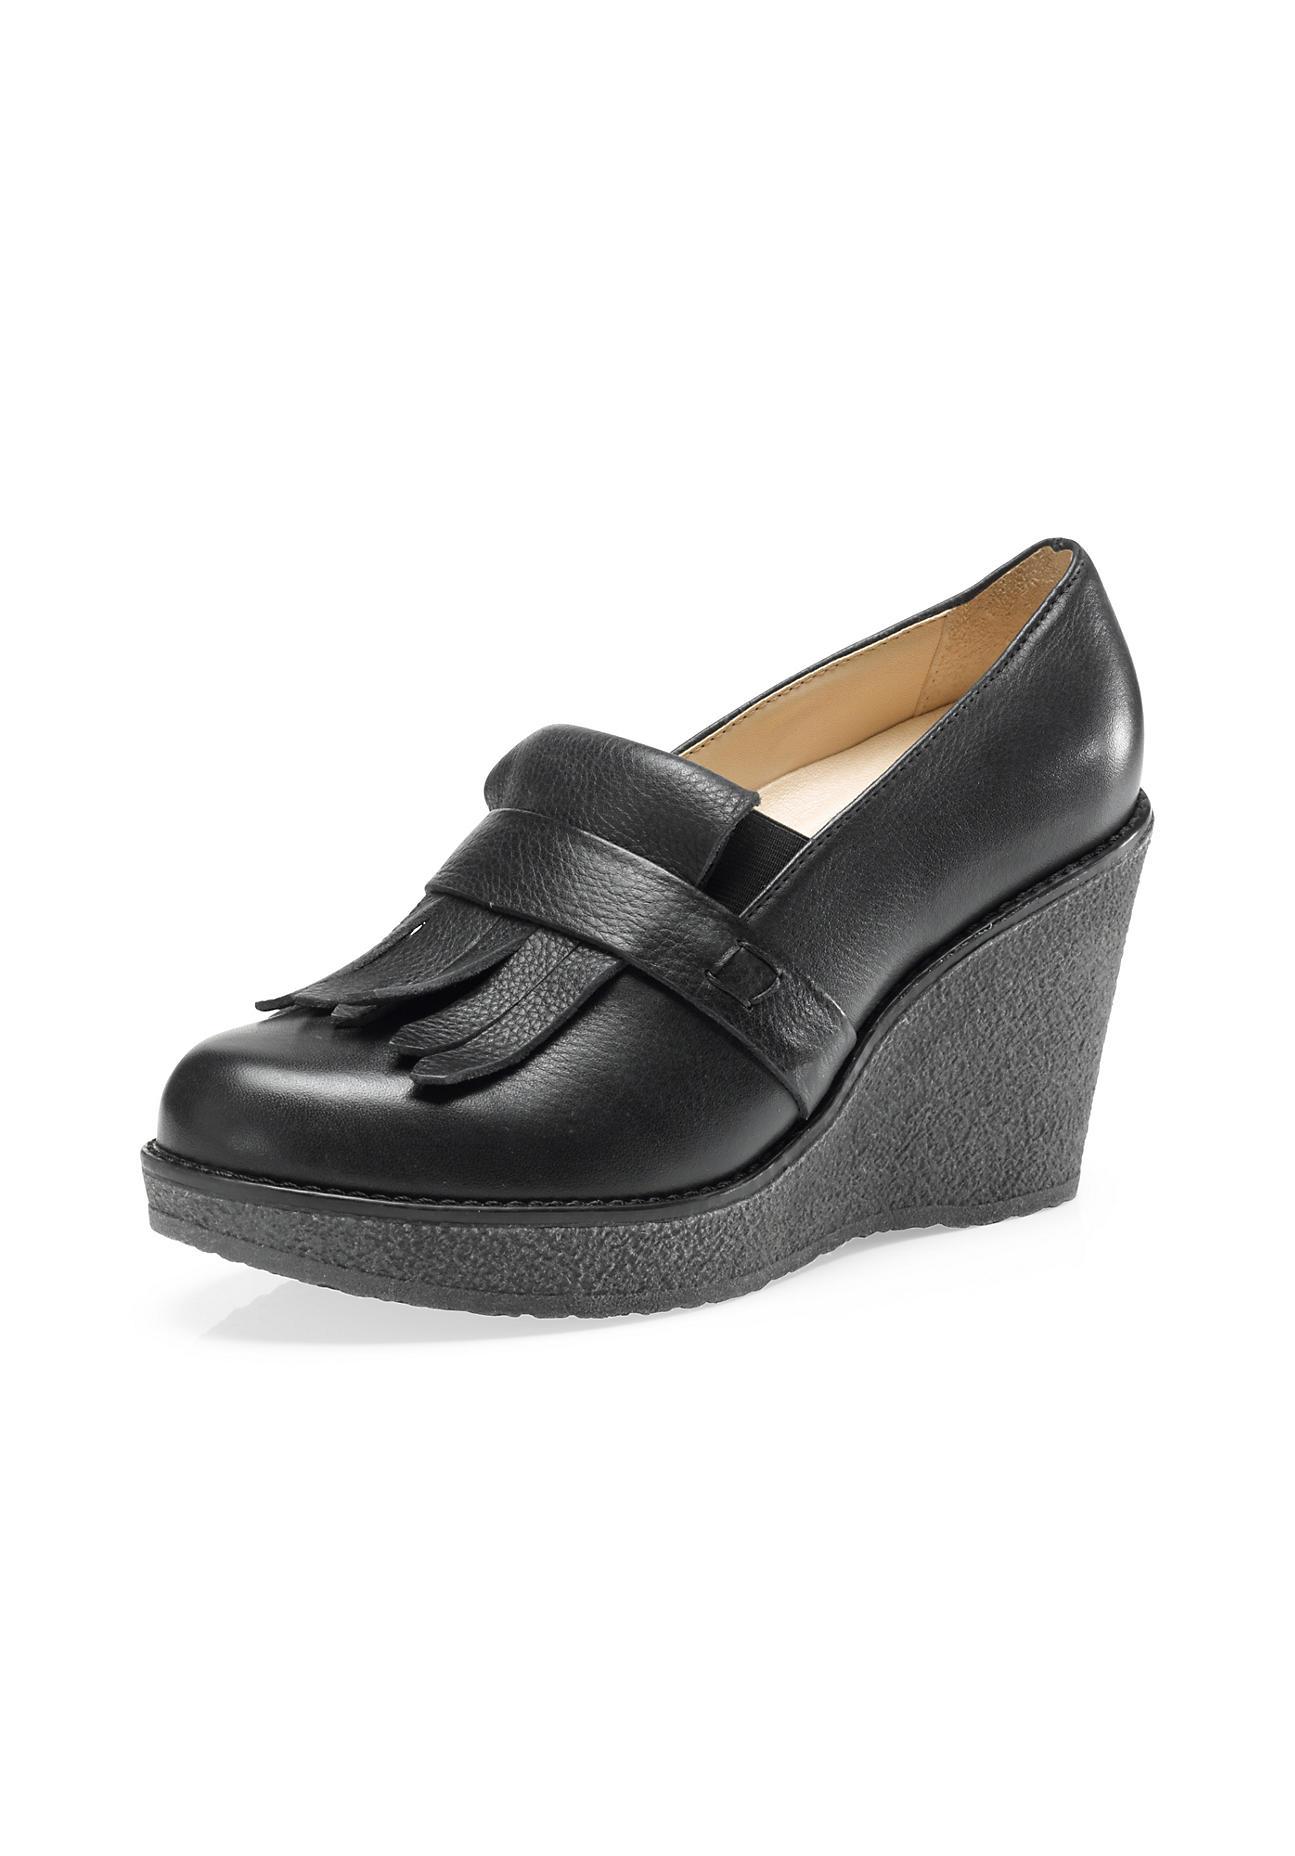 hessnatur Damen Damen Wedge-Slipper aus Leder – schwarz – Größe 41